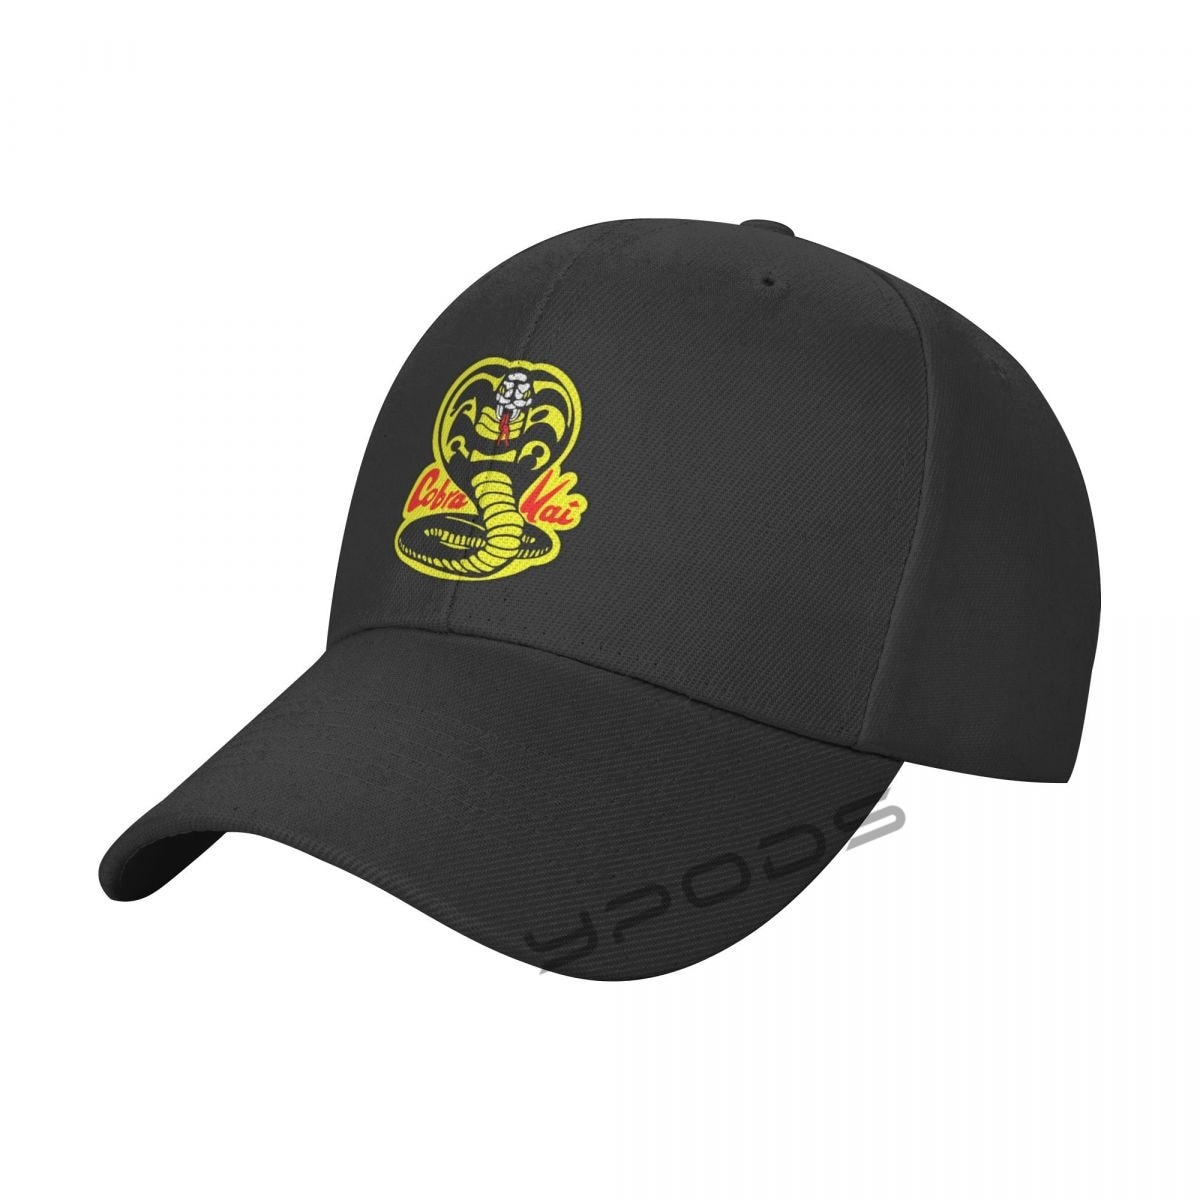 Однотонные бейсбольные кепки Кобра Кай разных цветов для мужчин и женщин Кепка с козырьком регулируемые повседневные спортивные кепки